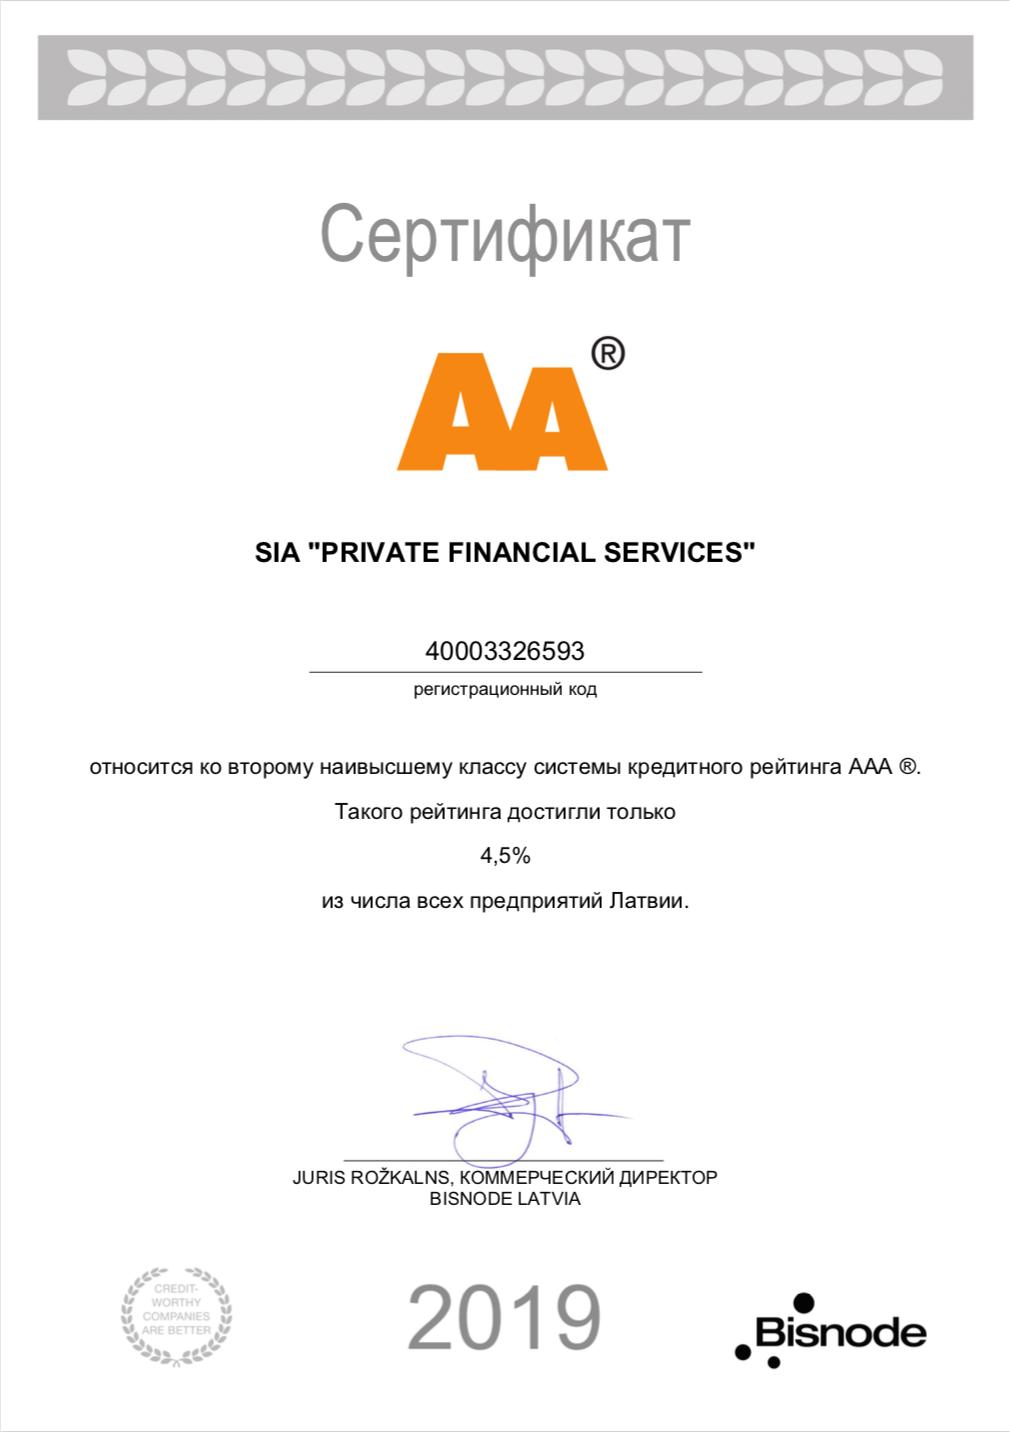 Латвийский филиал получил кредитный рейтинг АА